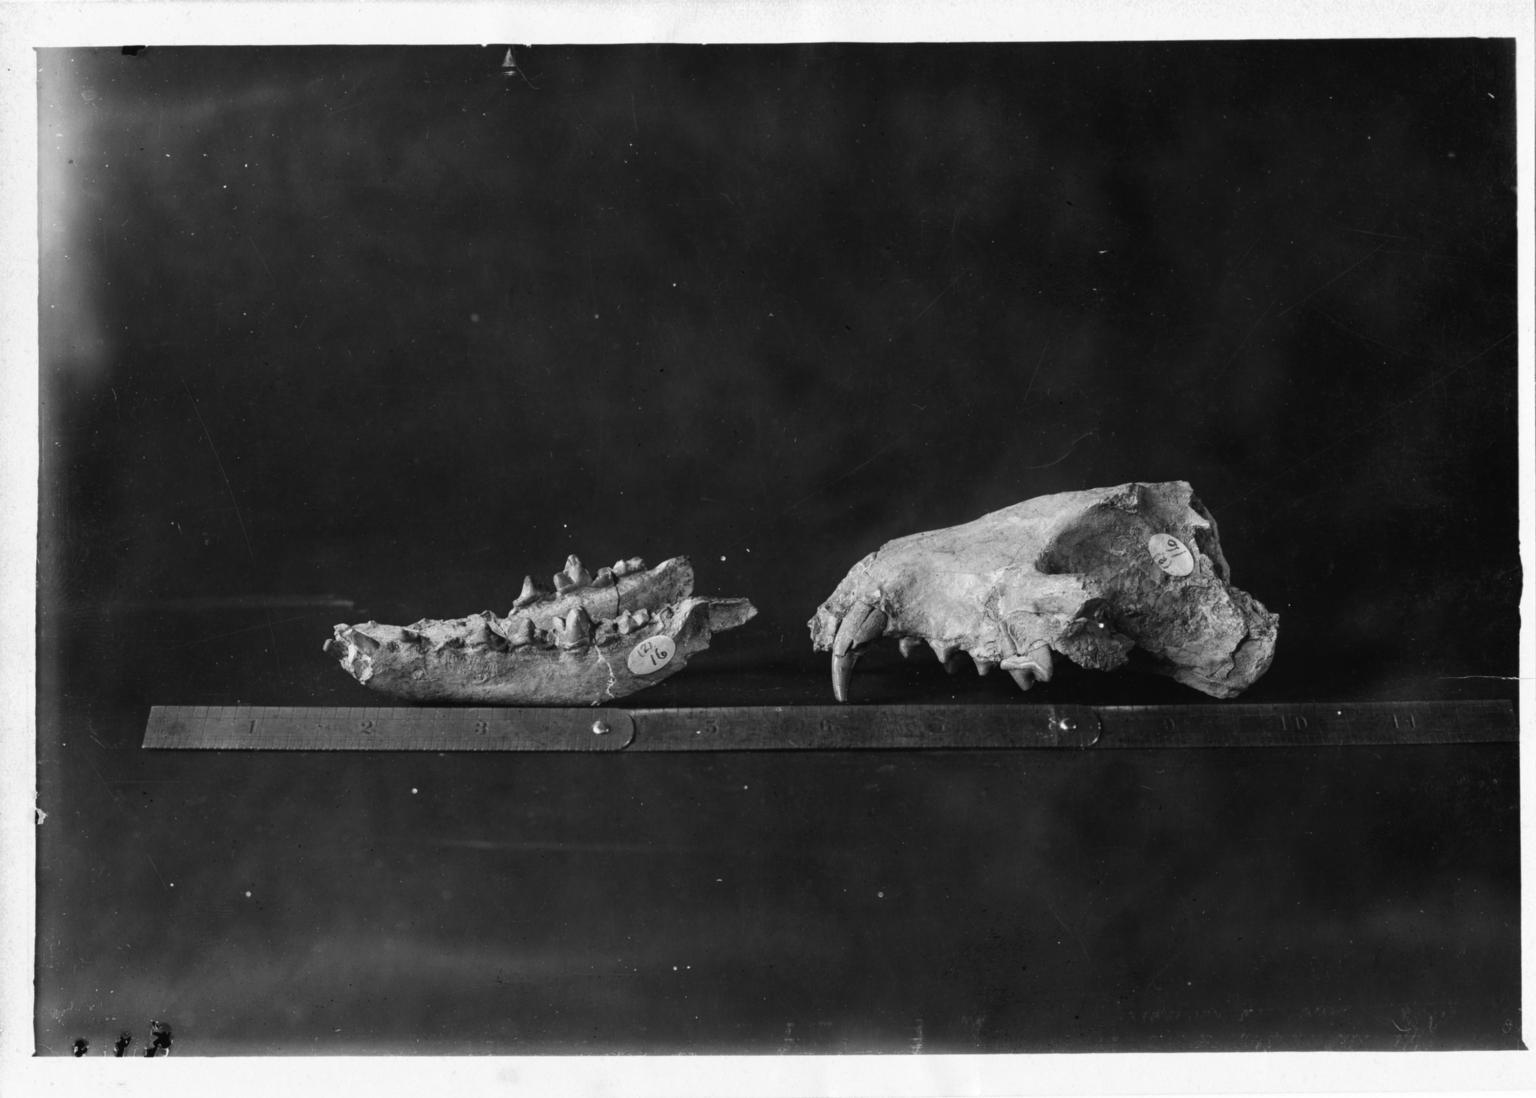 Fossil skull